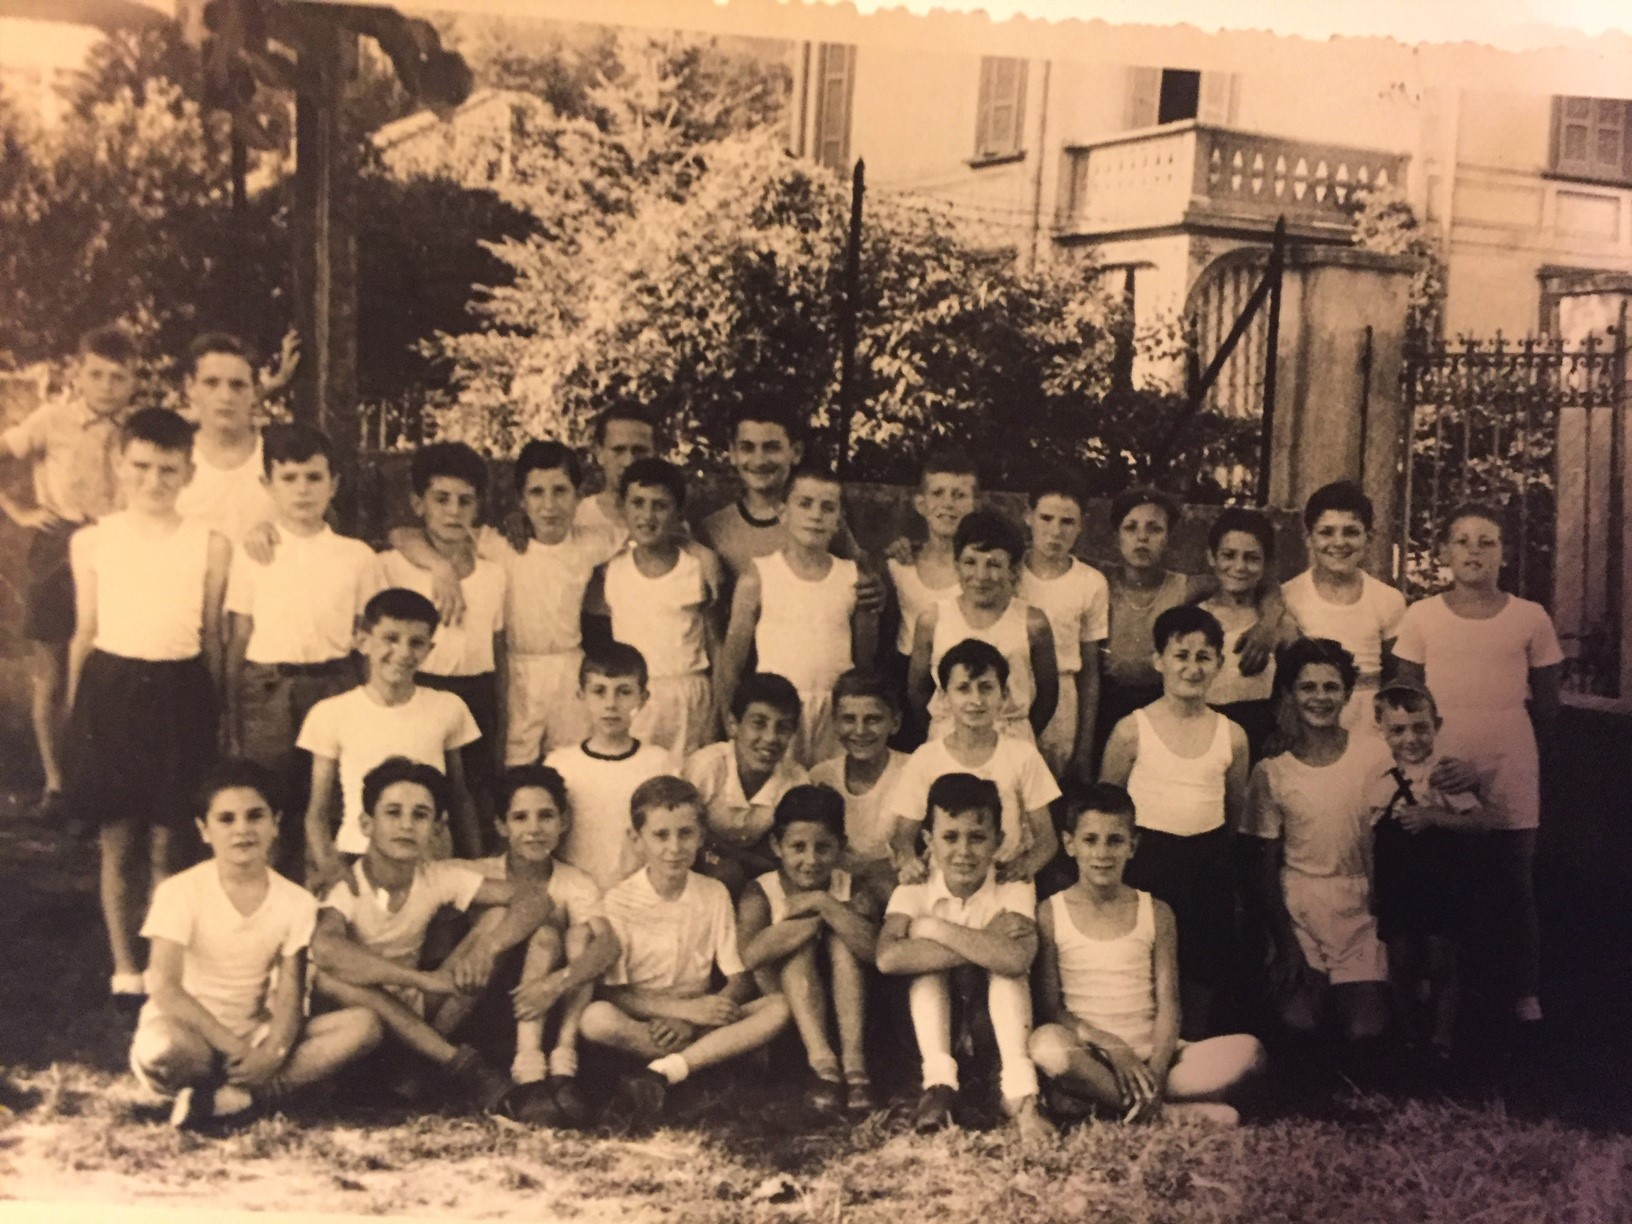 Scuola maggiore - 23.06.1947